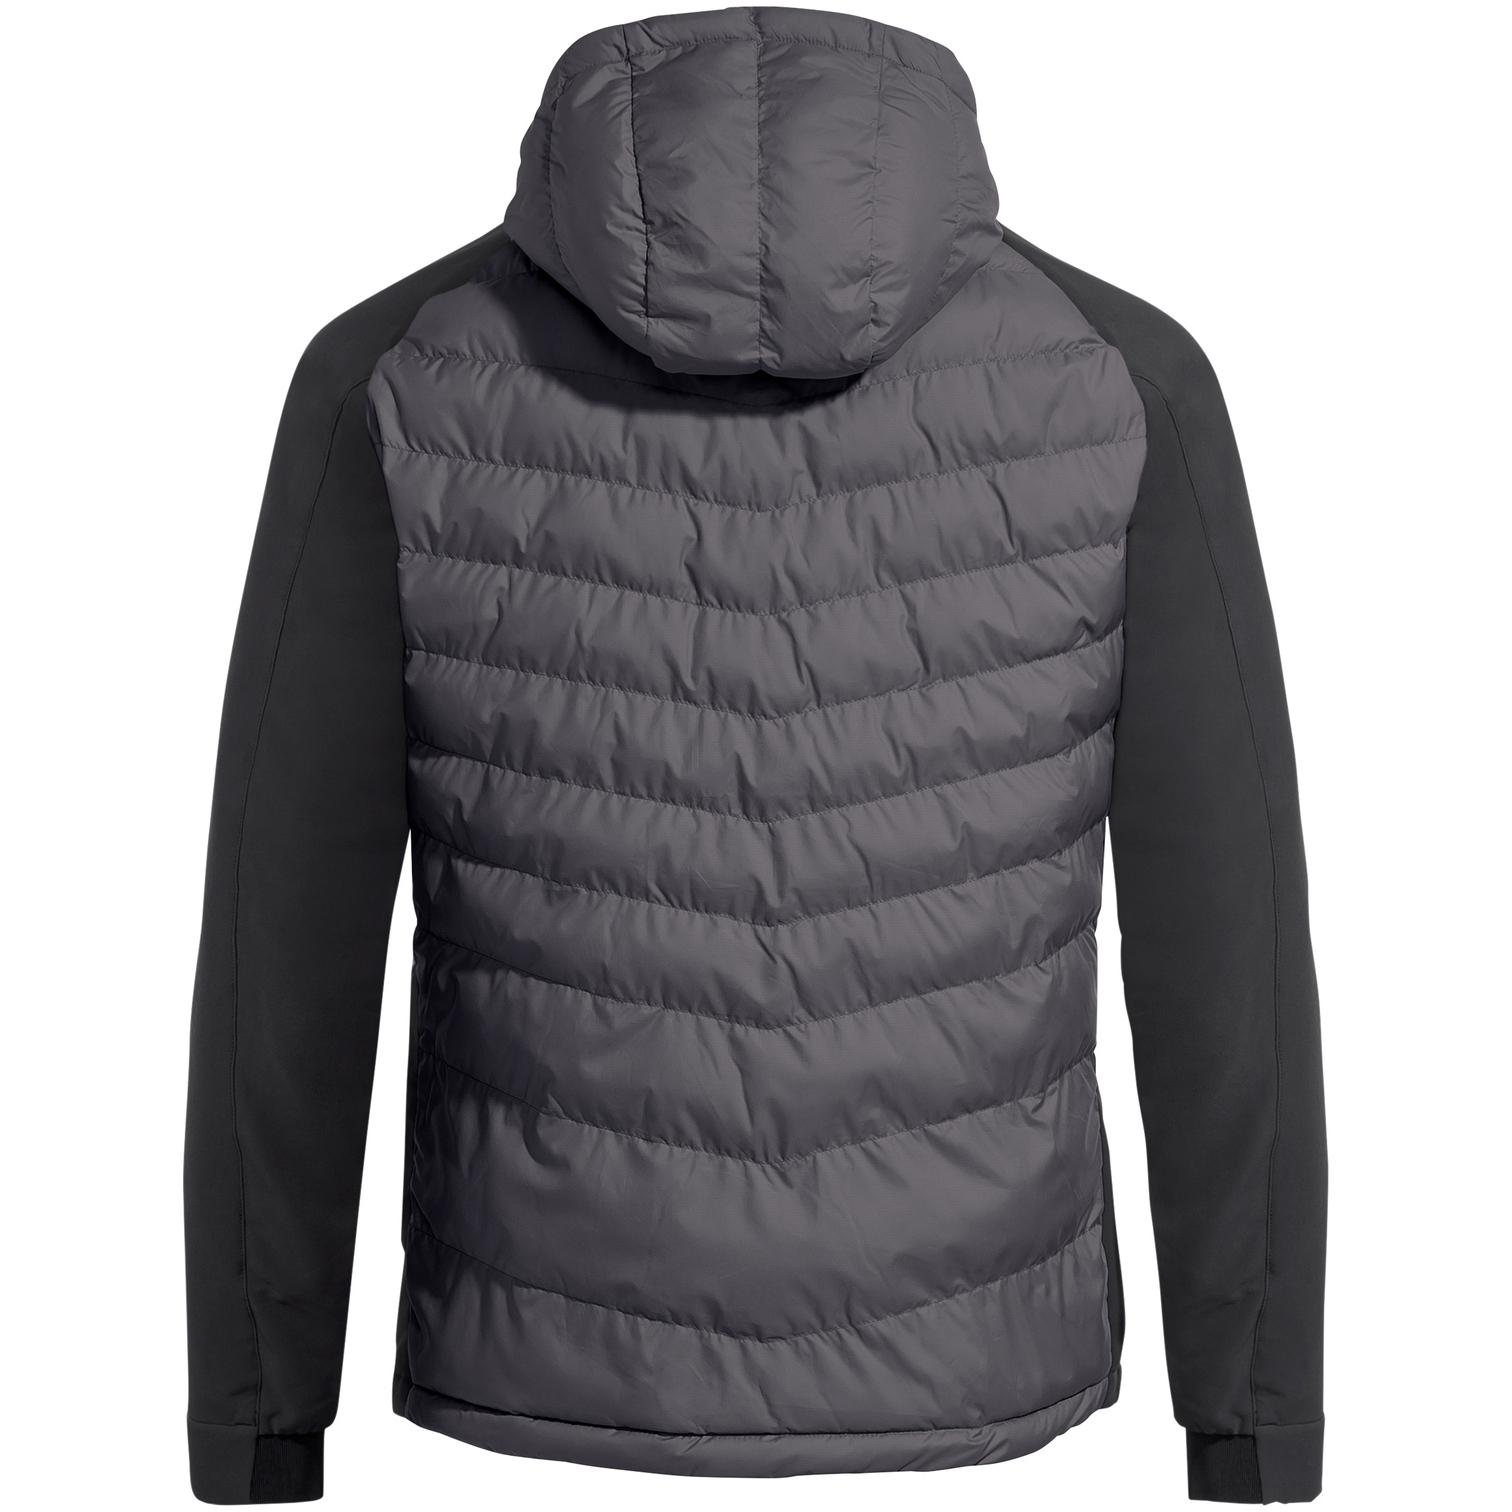 Image of Vaude Men's Elope Hybrid Jacket - iron